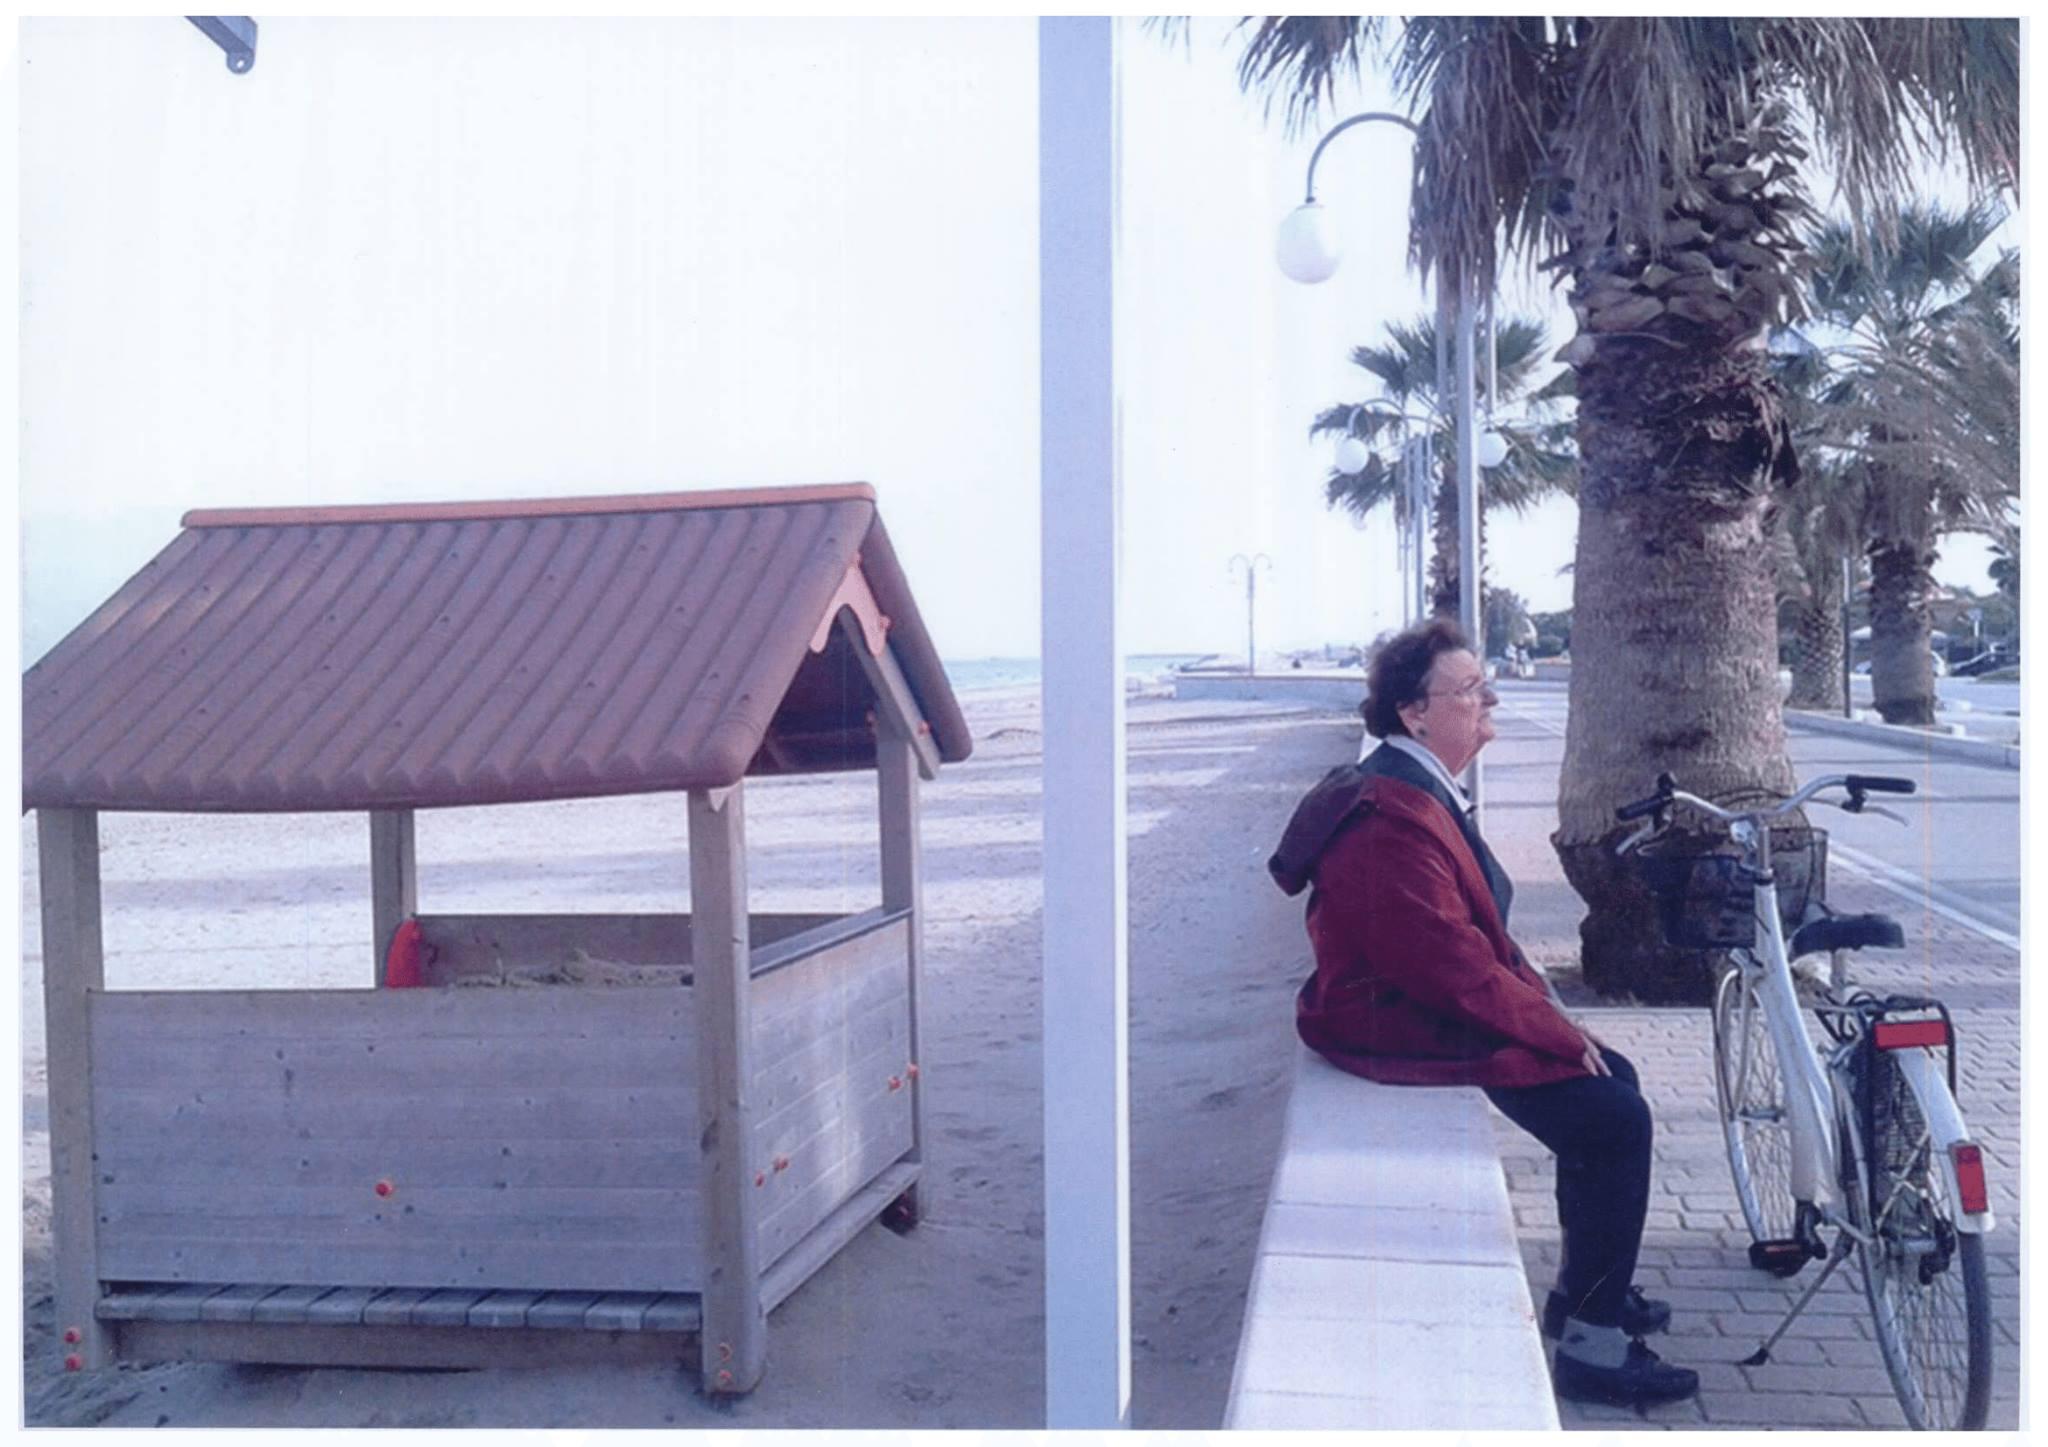 My Grandma is Fading, un progetto fotografico che rappresenta l'Alzheimer